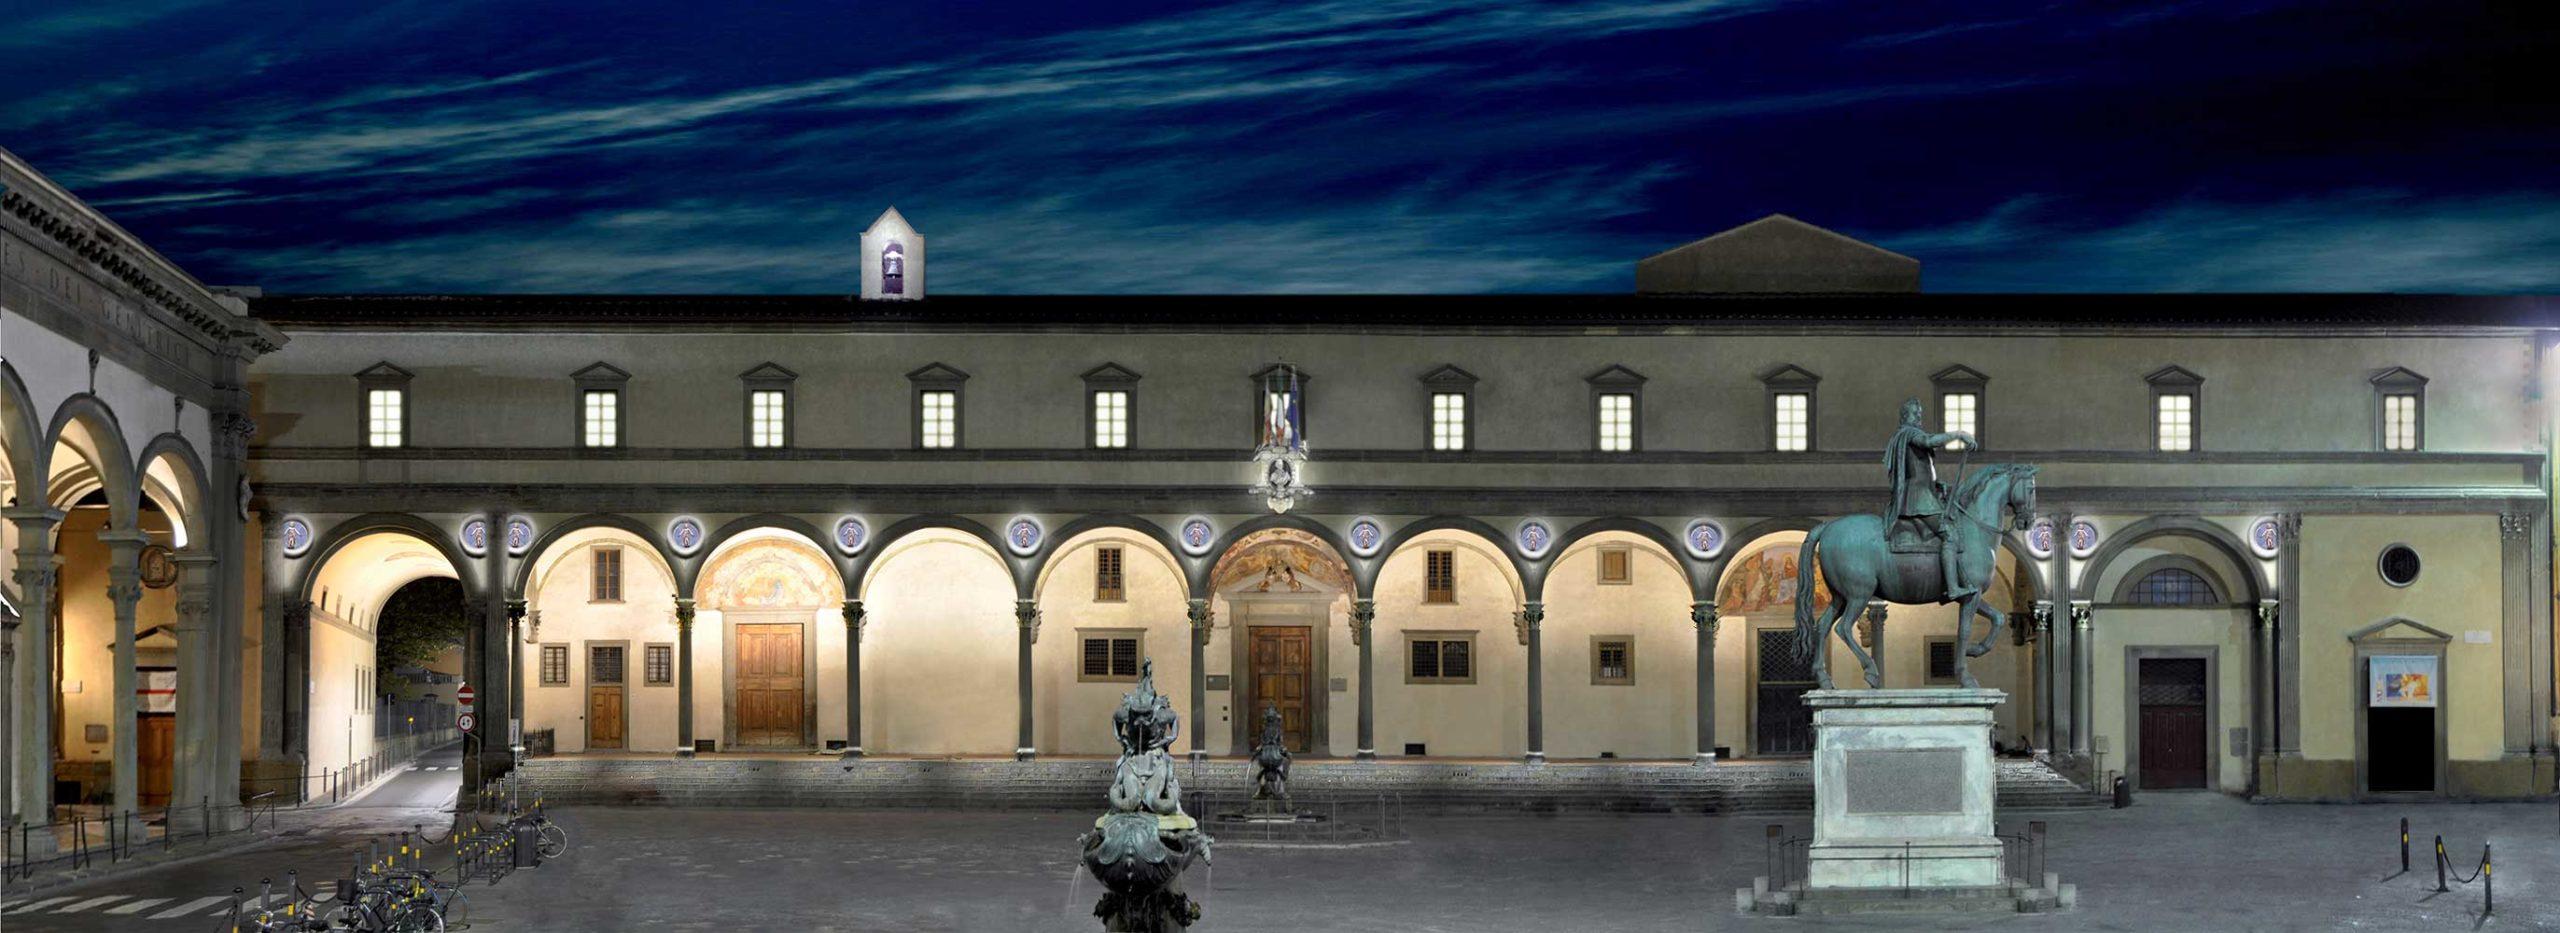 Progetto illuminazione Museo degli Innocenti Firenze